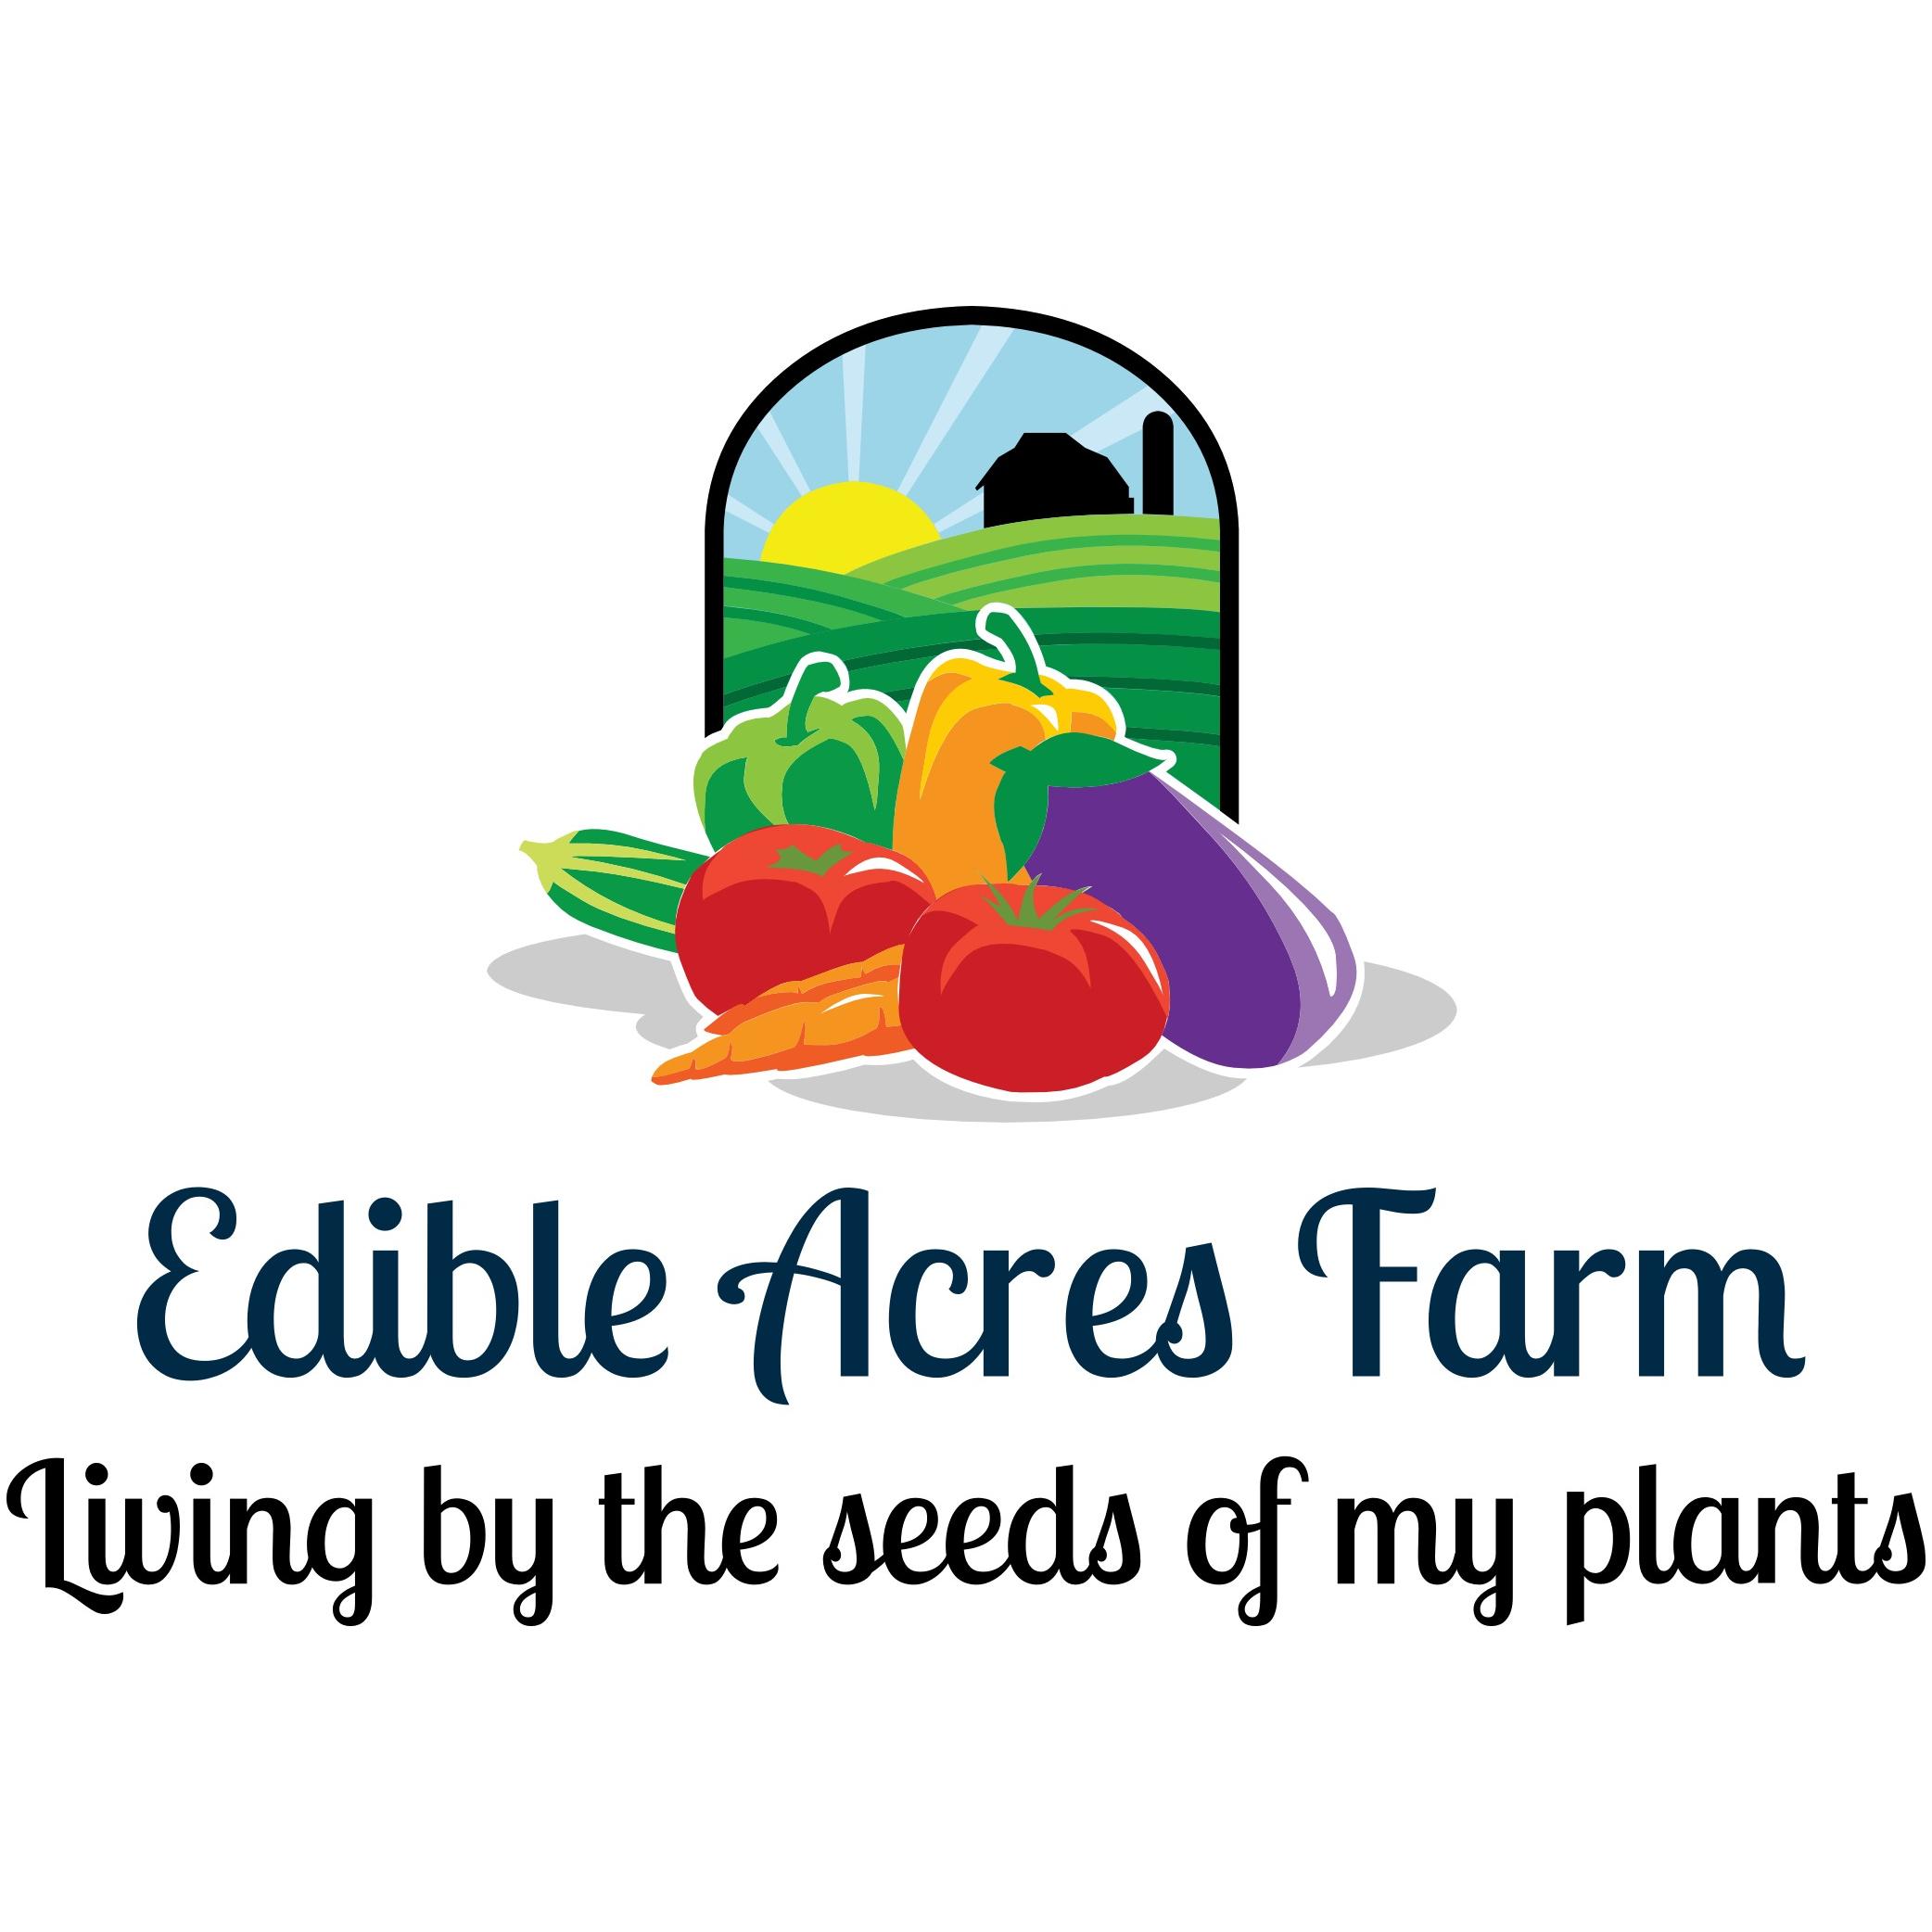 Edible Acres Farm